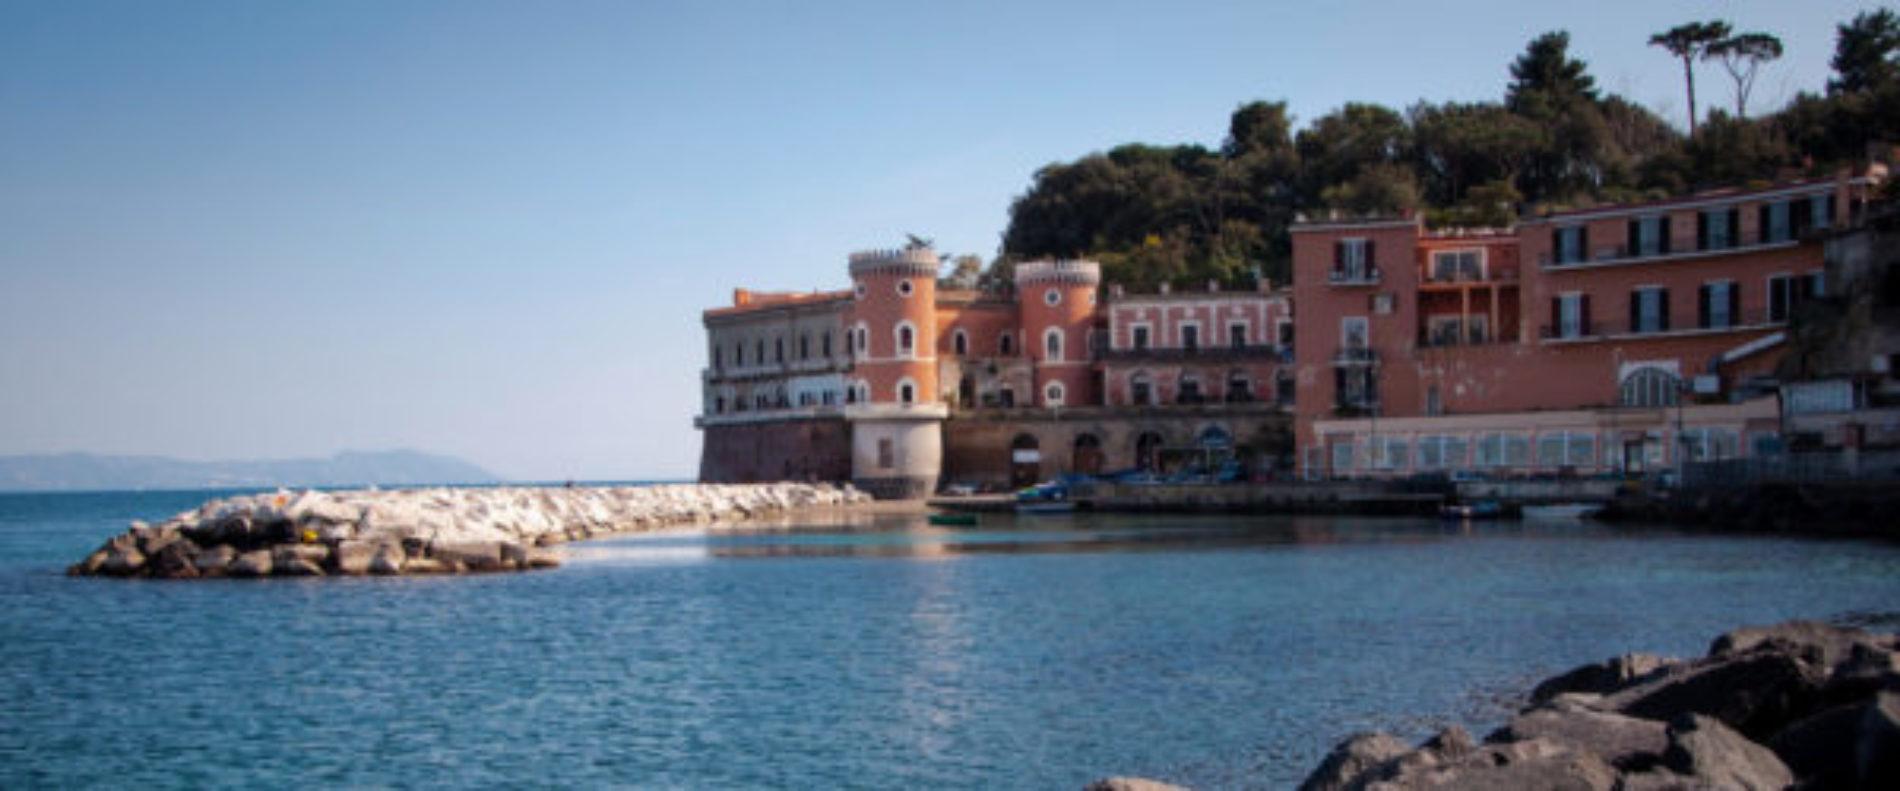 Napoli in sup per la costa di Posillipo